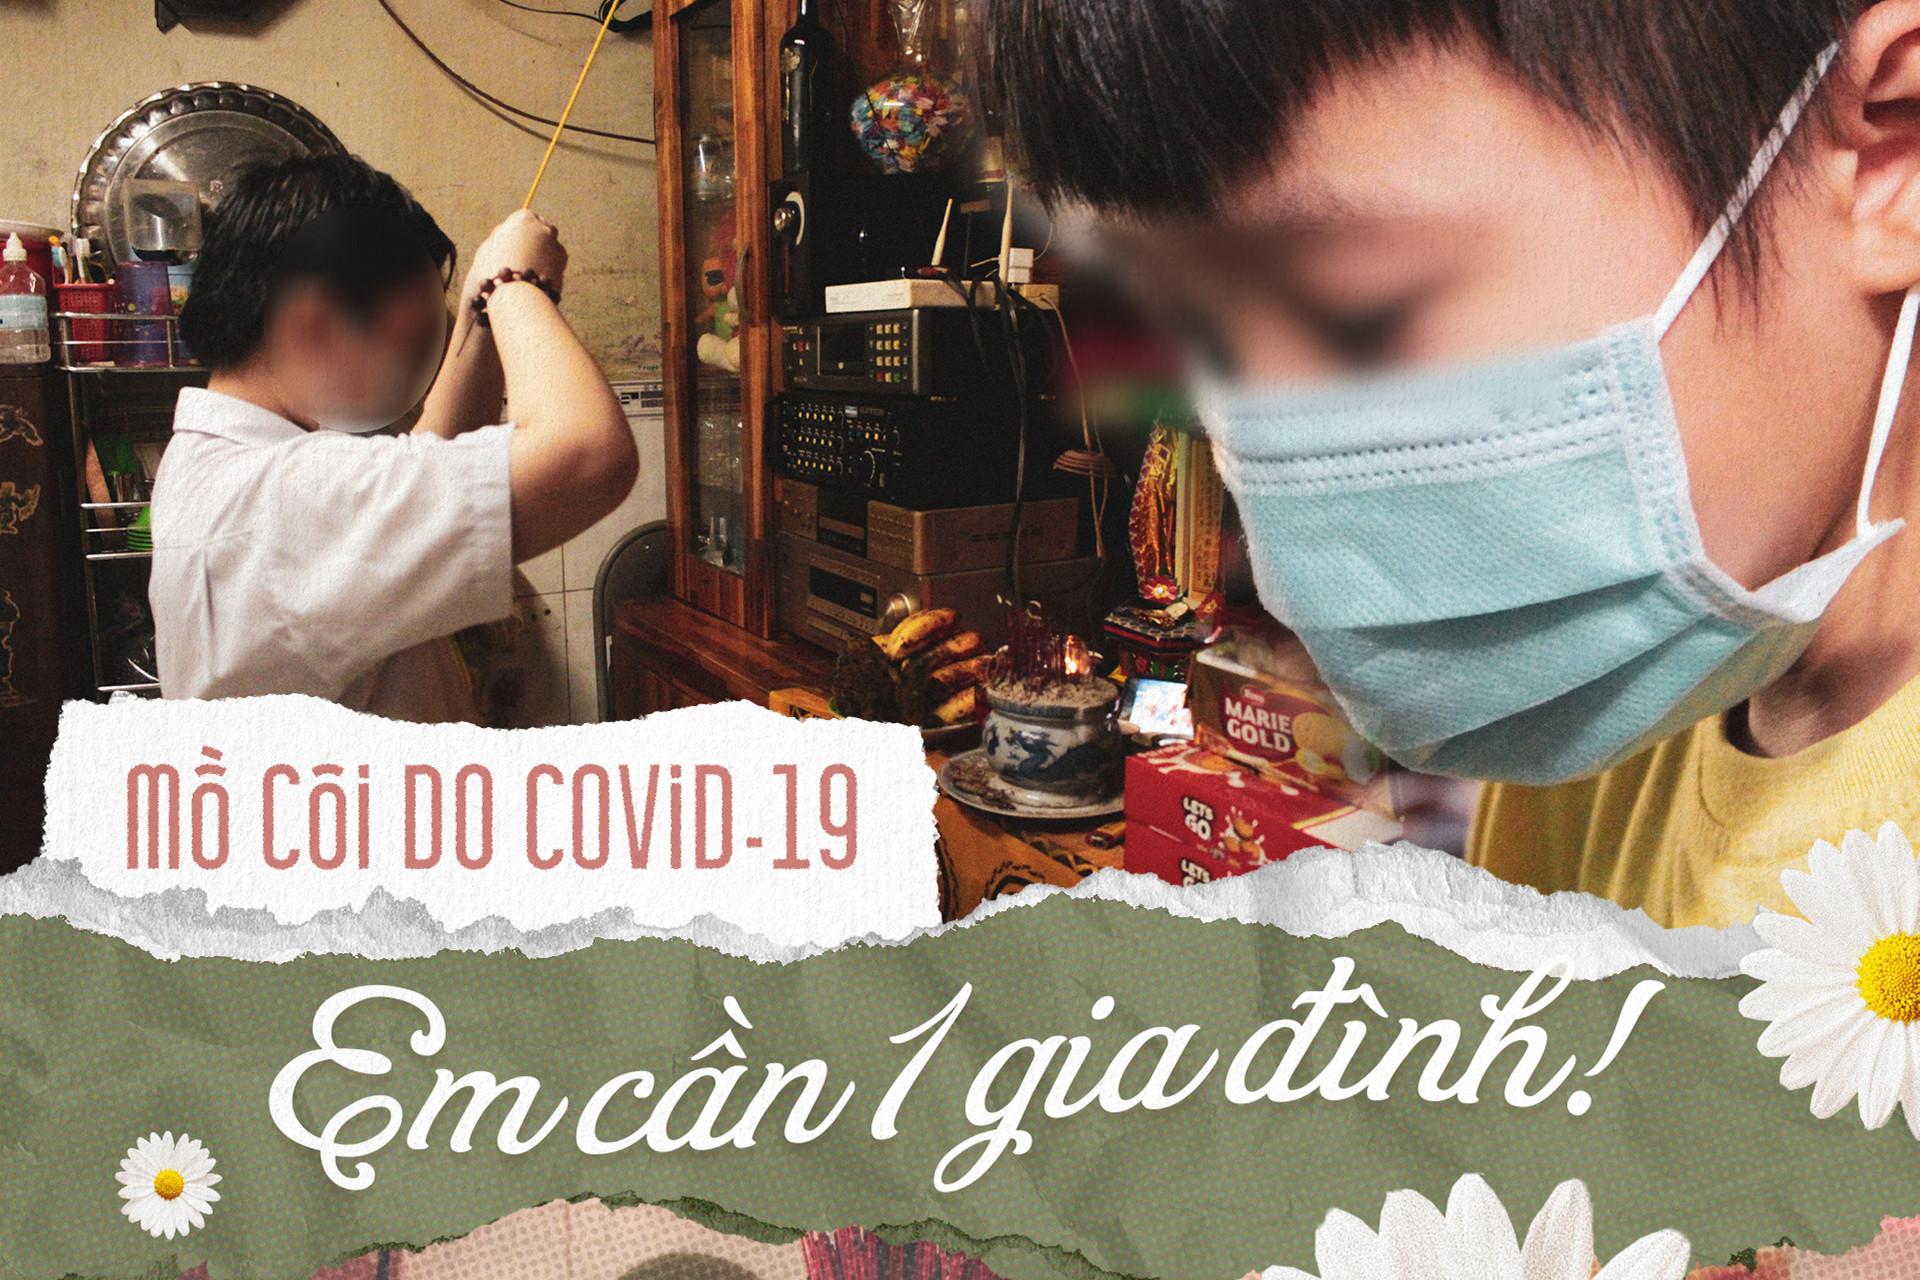 Mồ côi do COVID-19: Em cần 1 gia đình!